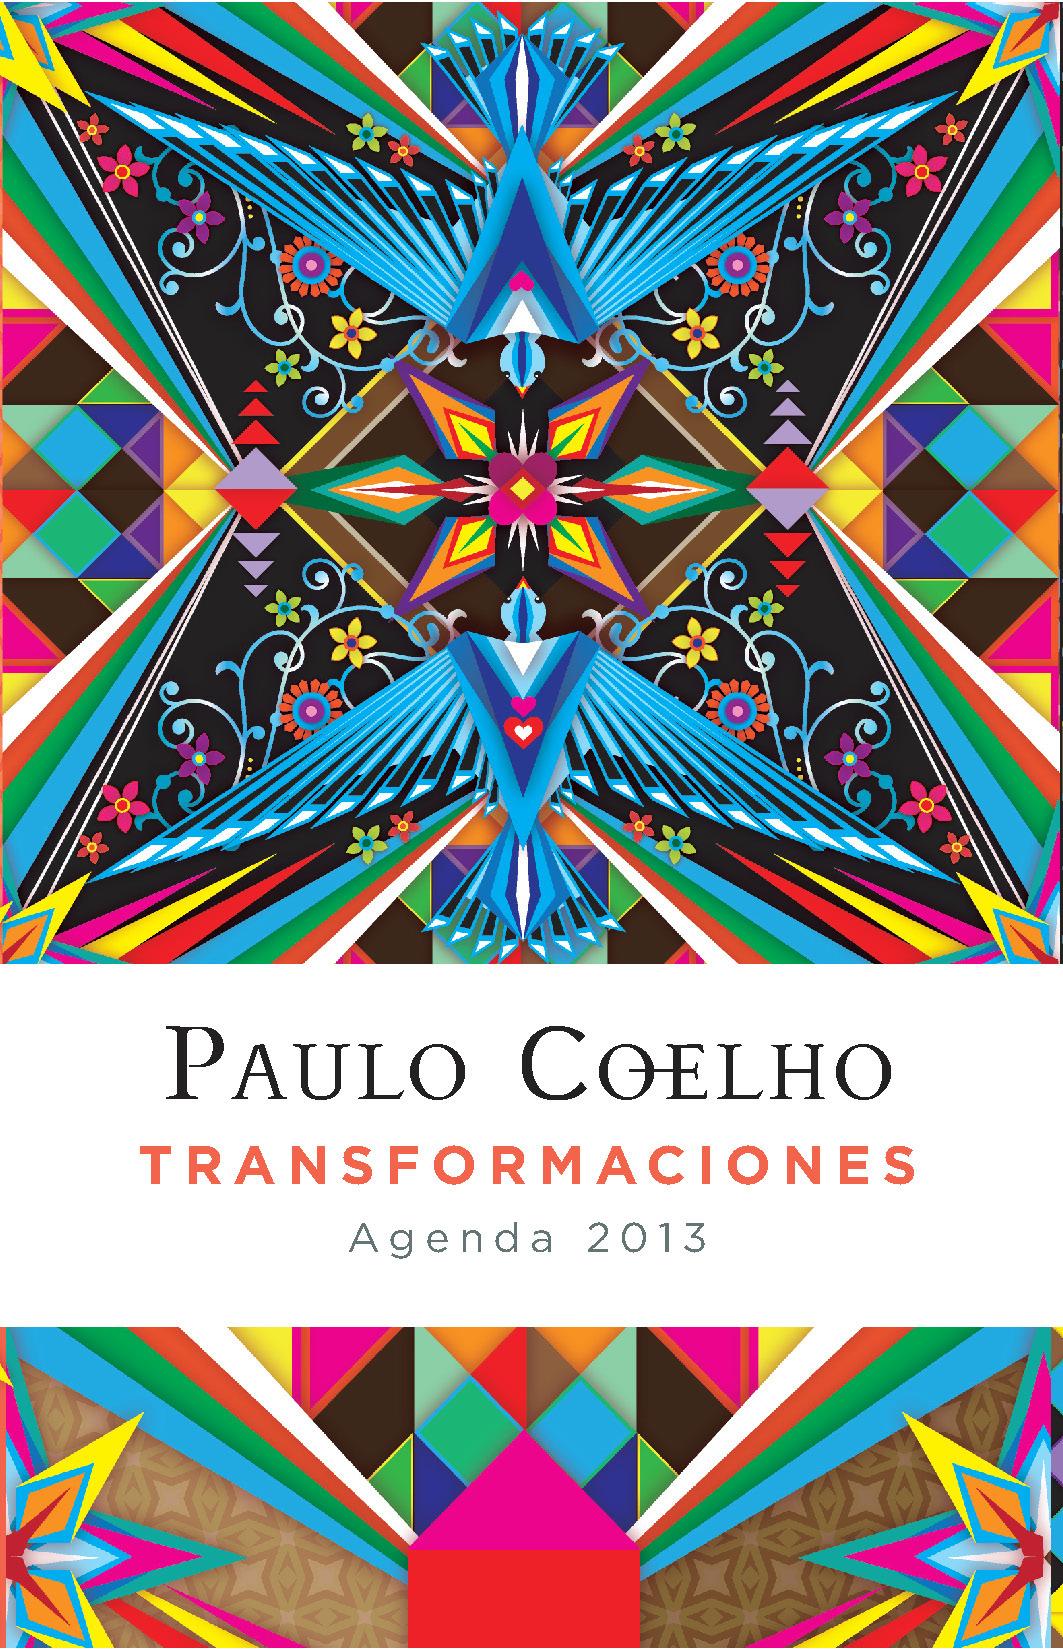 Transformaciones (agenda 2013) (productos papelería paulo coelho); paulo coelho